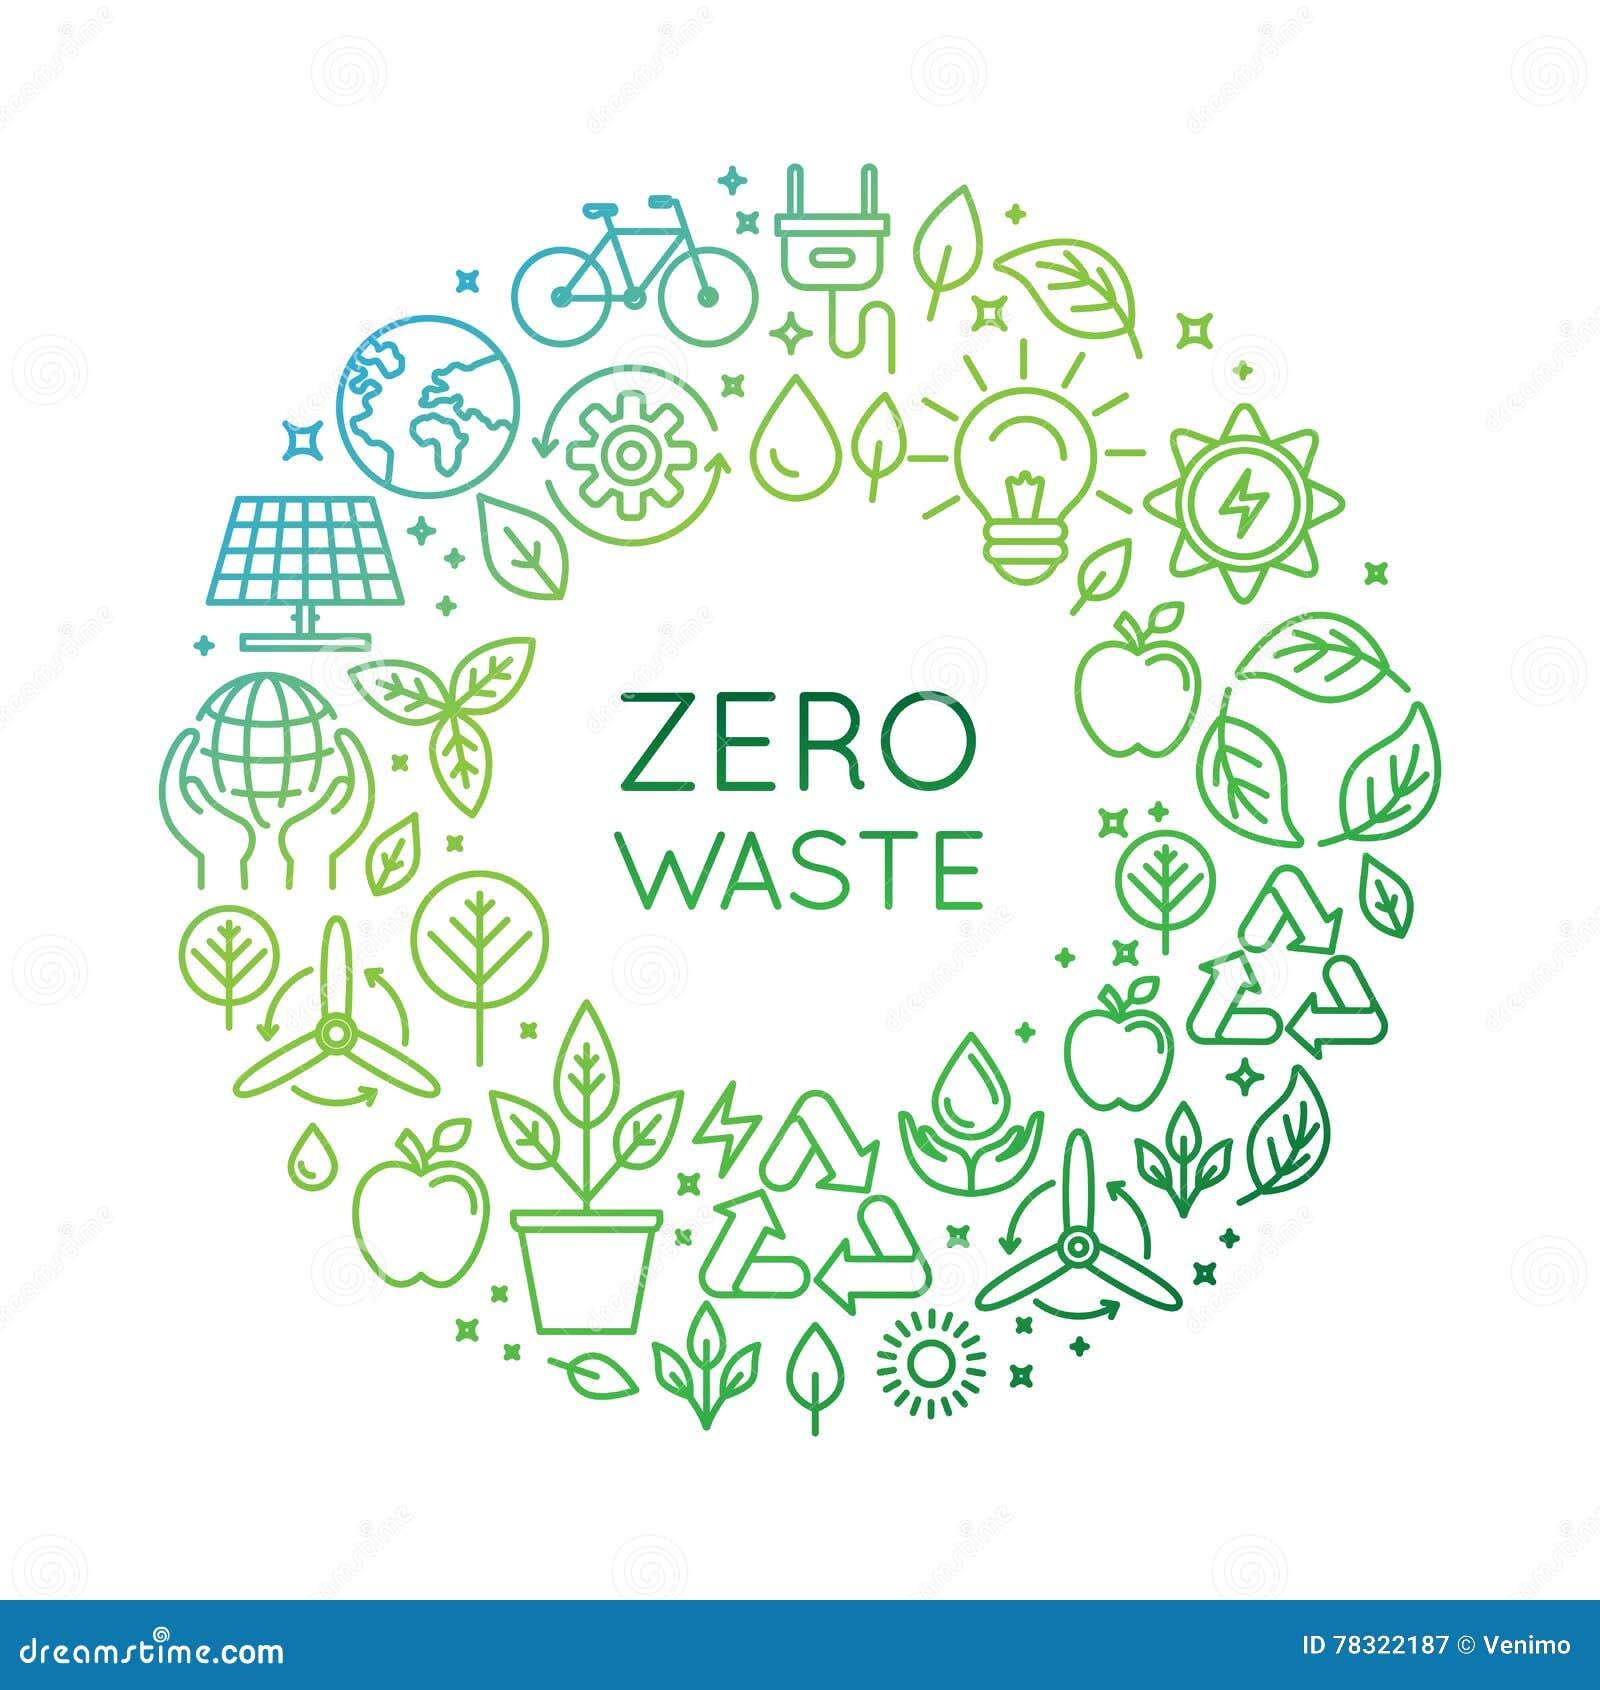 vector logo design template - zero waste concept stock vector